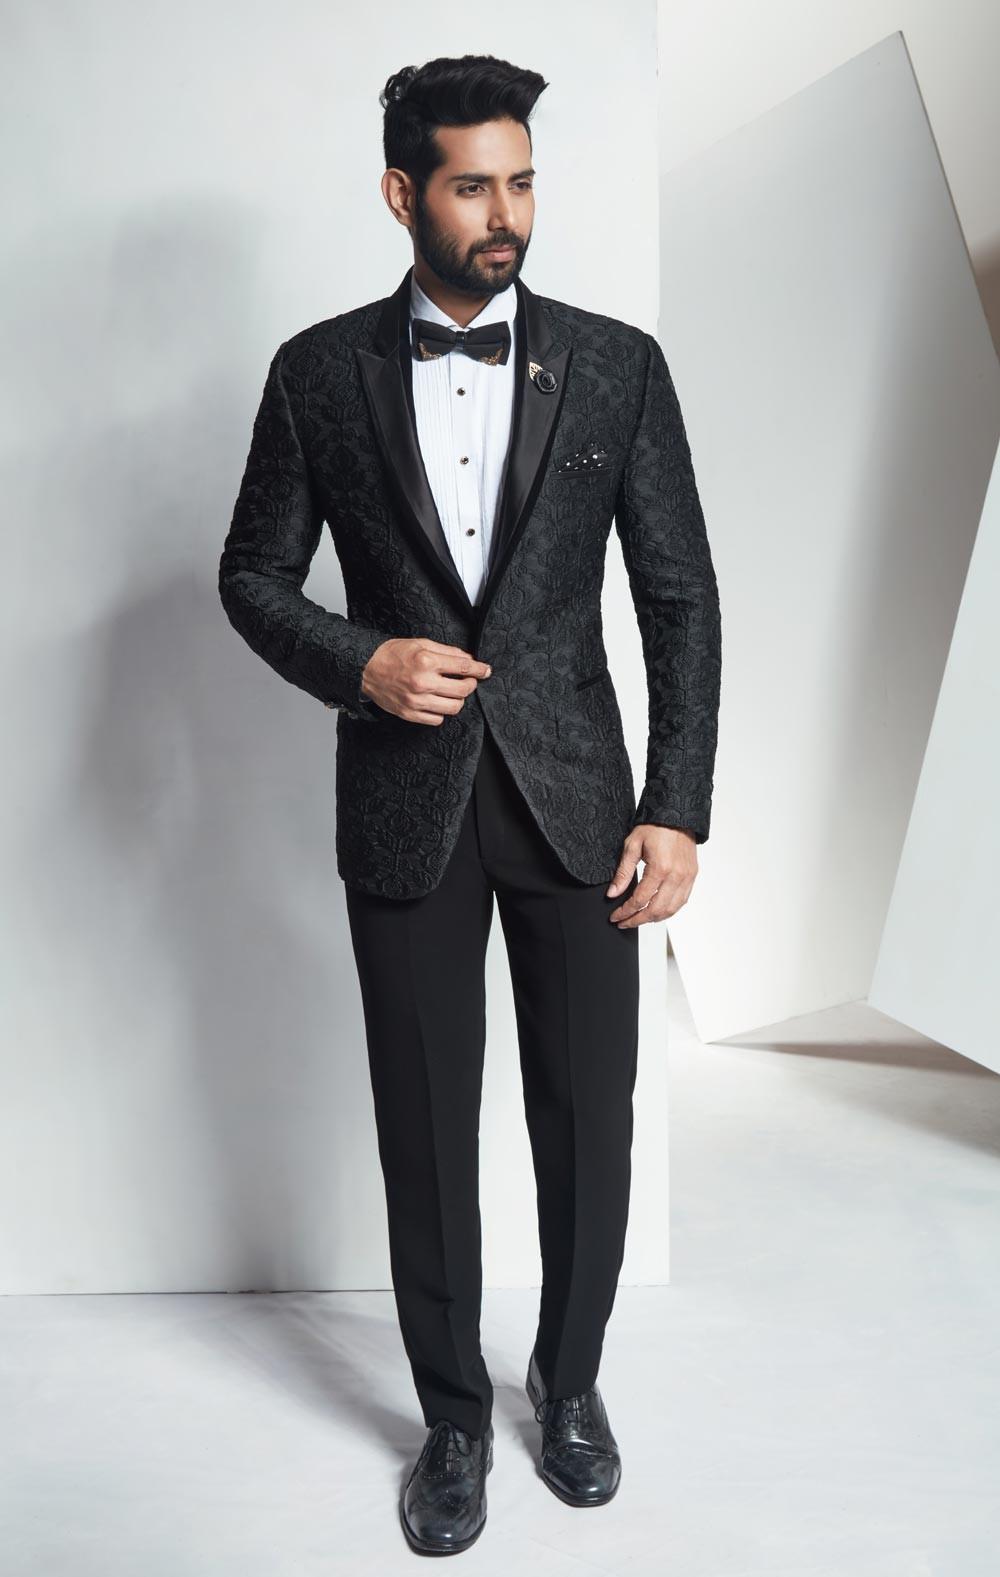 Best Wedding Suits for Men in Elegant Designer Black